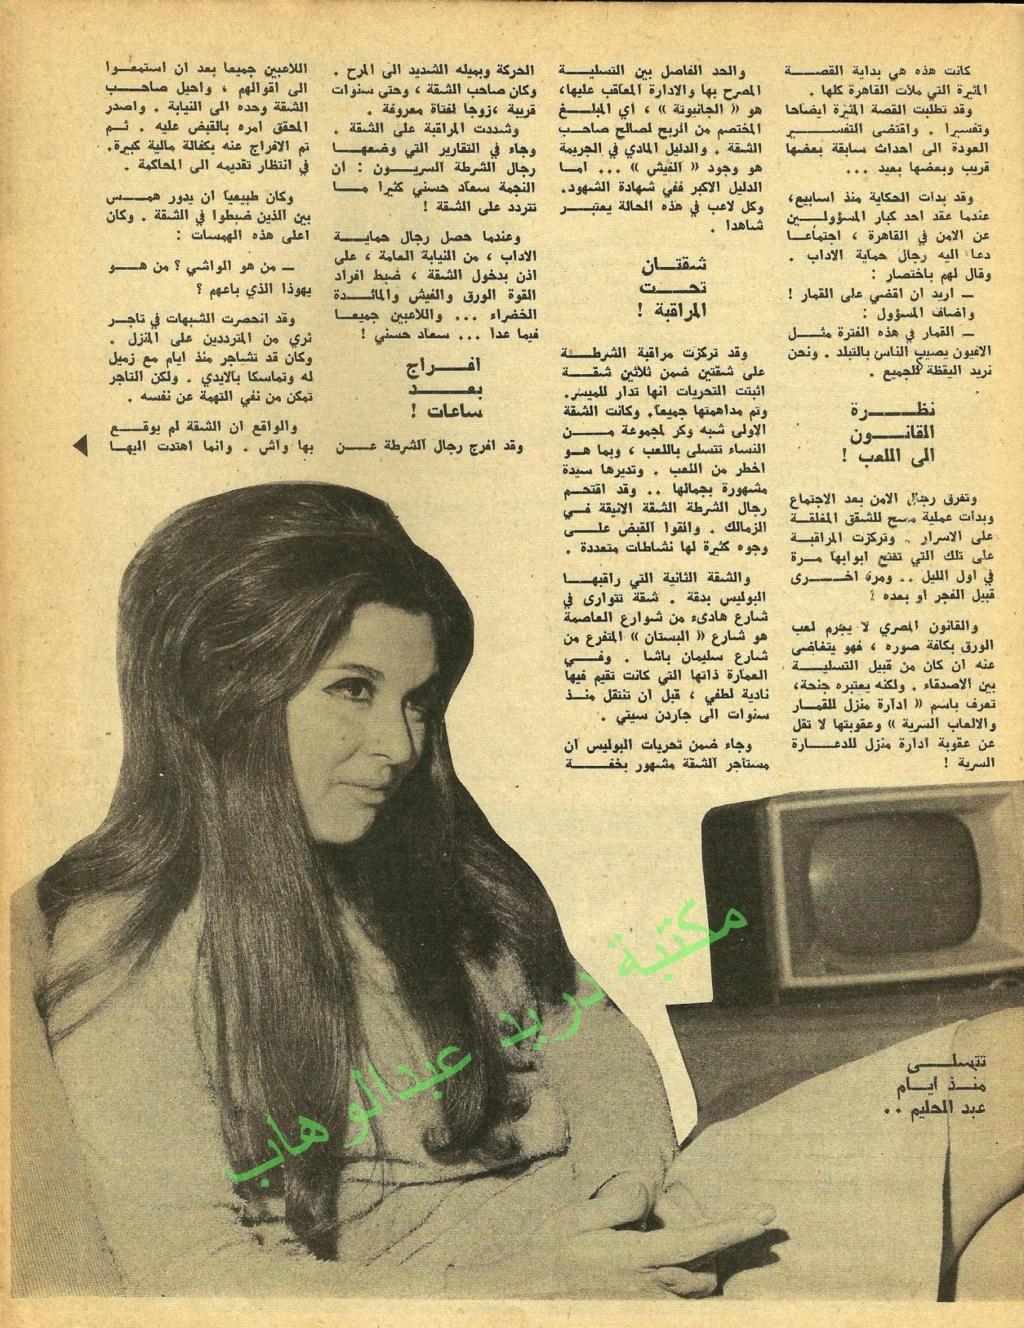 مقال صحفي : اندفع ضابط مكافحة القمار داخل الشقة .. وصاح : أين سعاد حسني ؟ 1969 م 2185